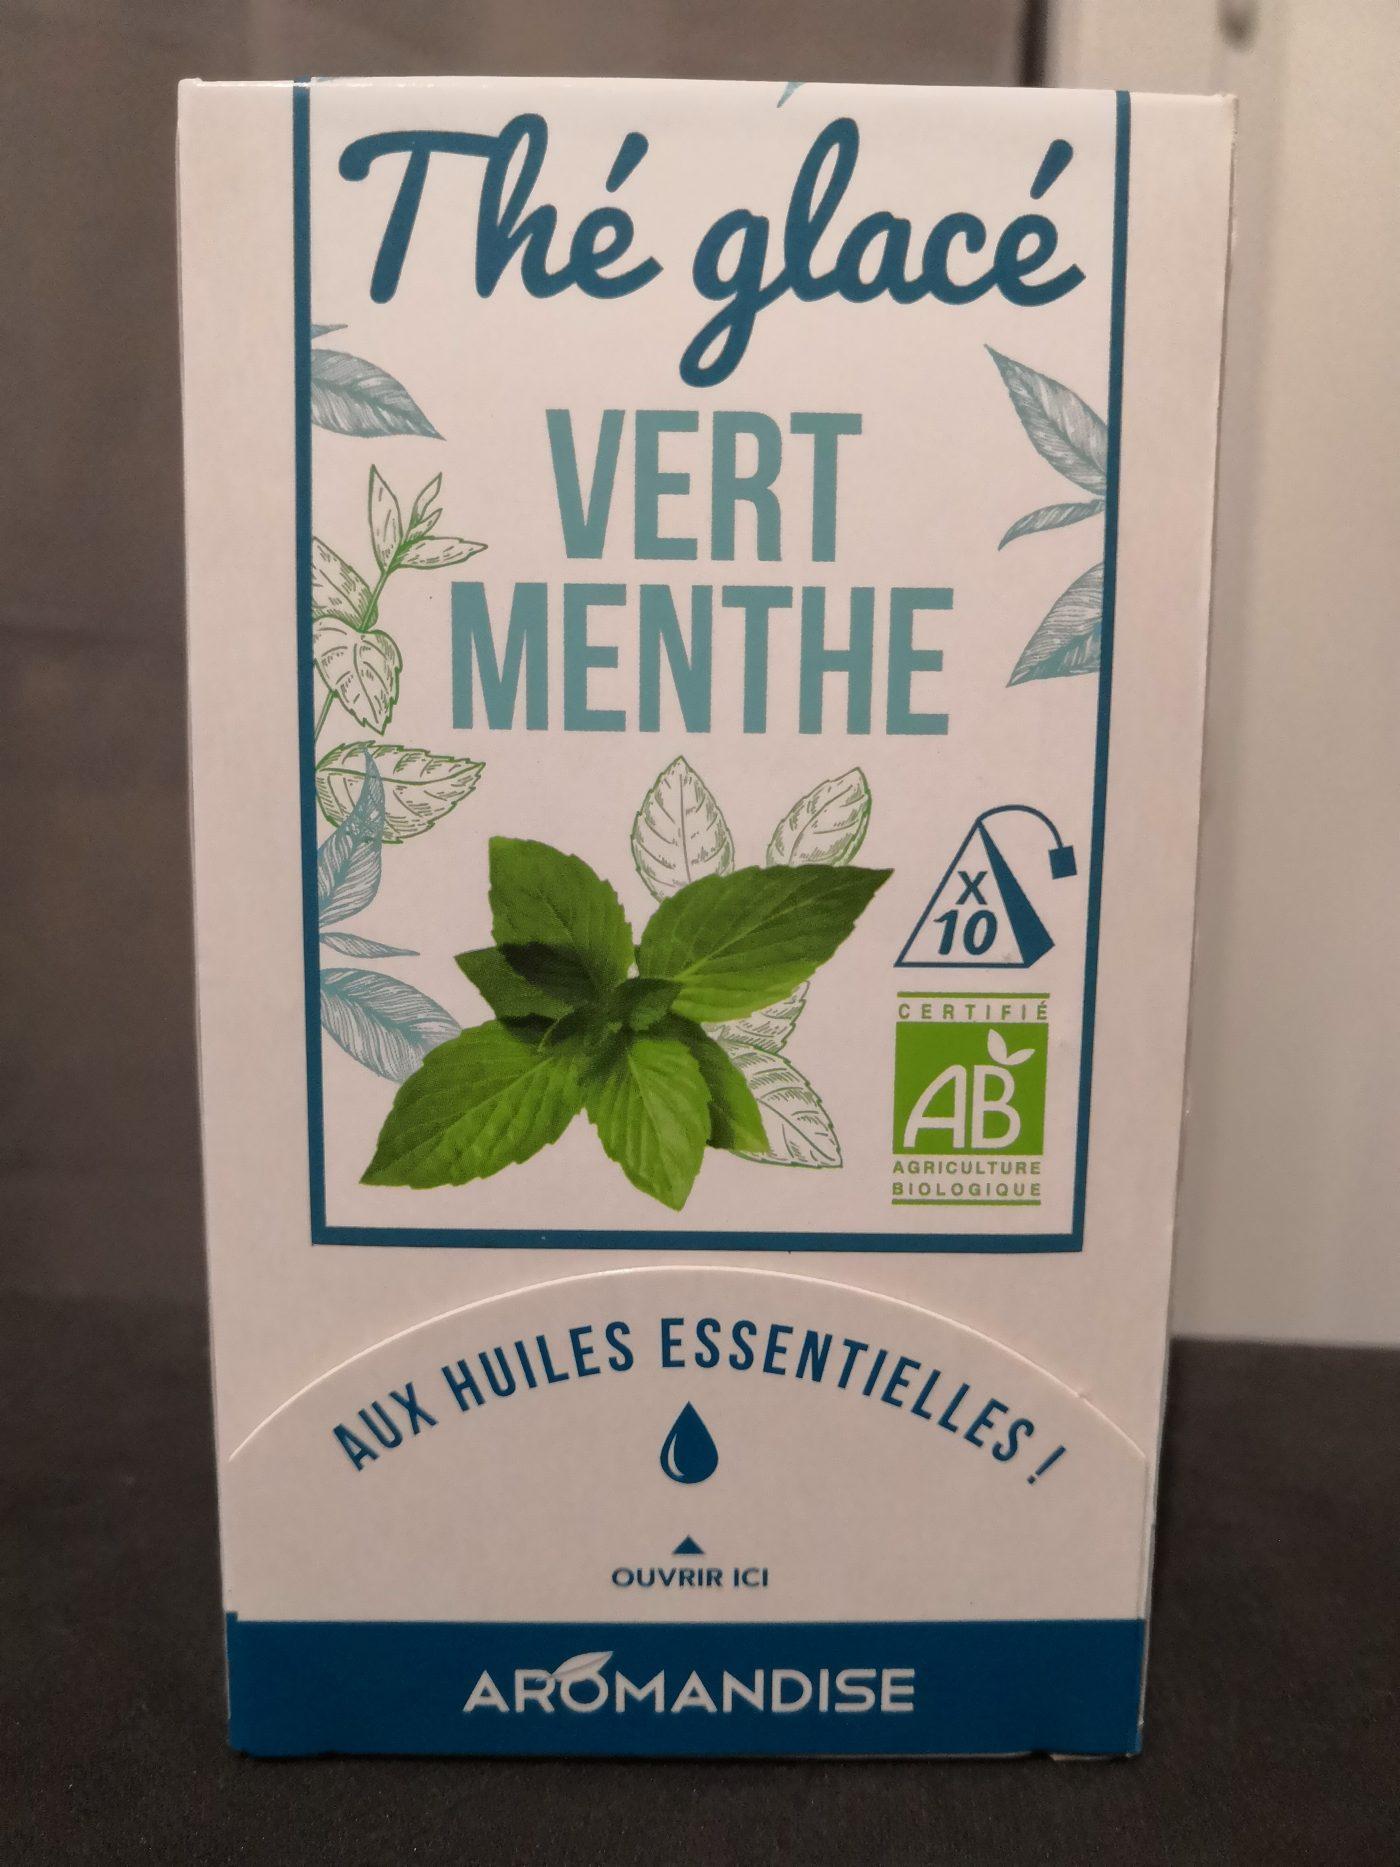 J'ai testé pour vous thé glacé vert menthe Aromandise